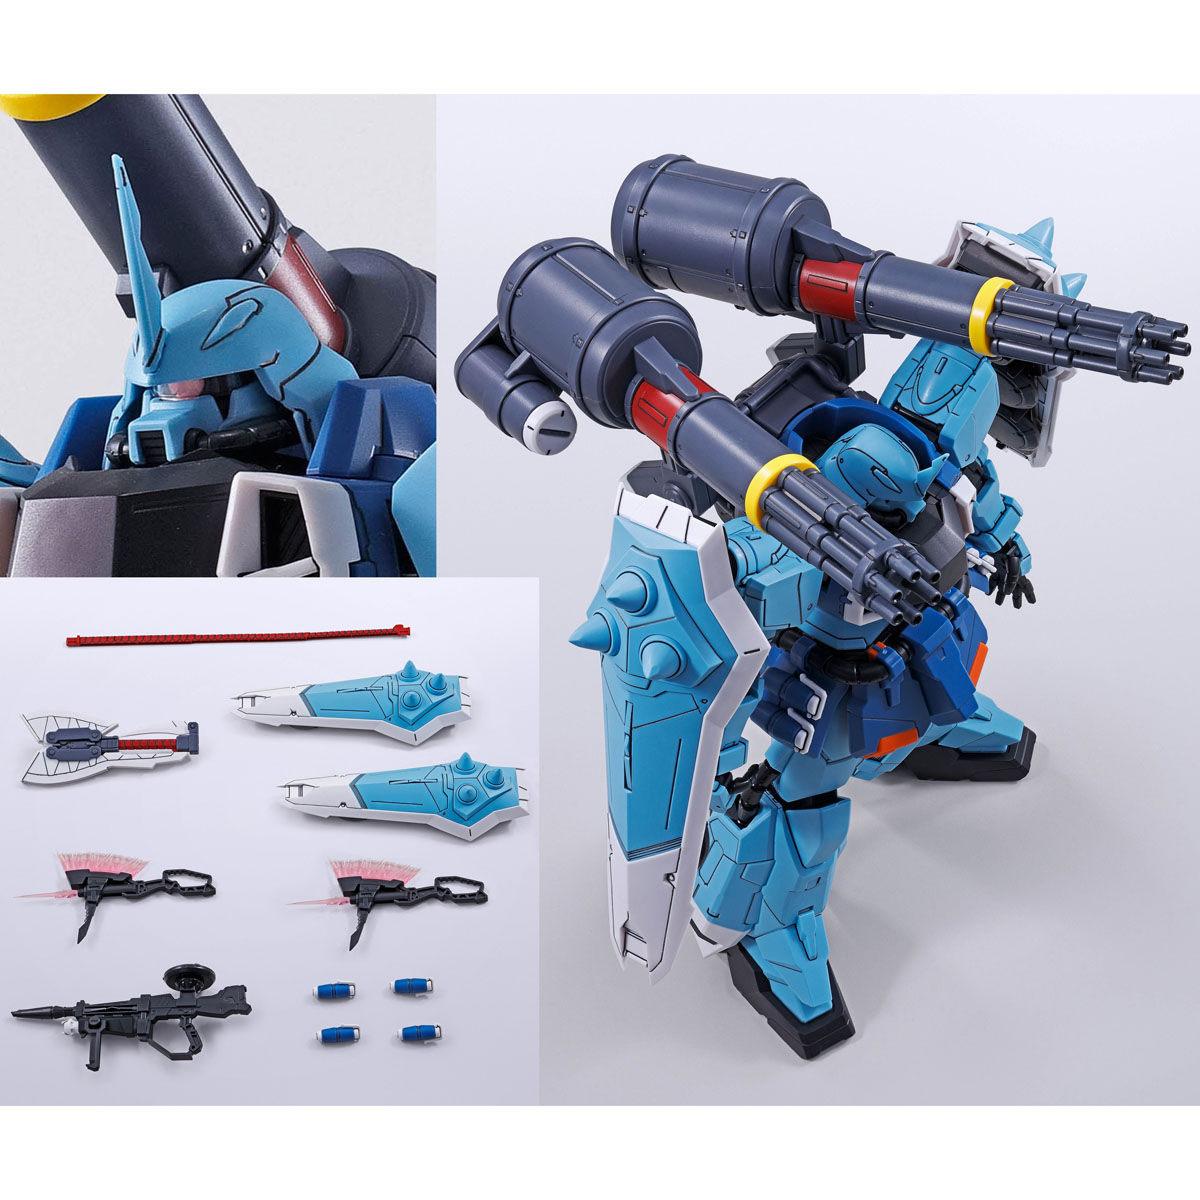 【限定販売】MG 1/100『スラッシュザクファントム(イザーク・ジュール専用機)』プラモデル-009